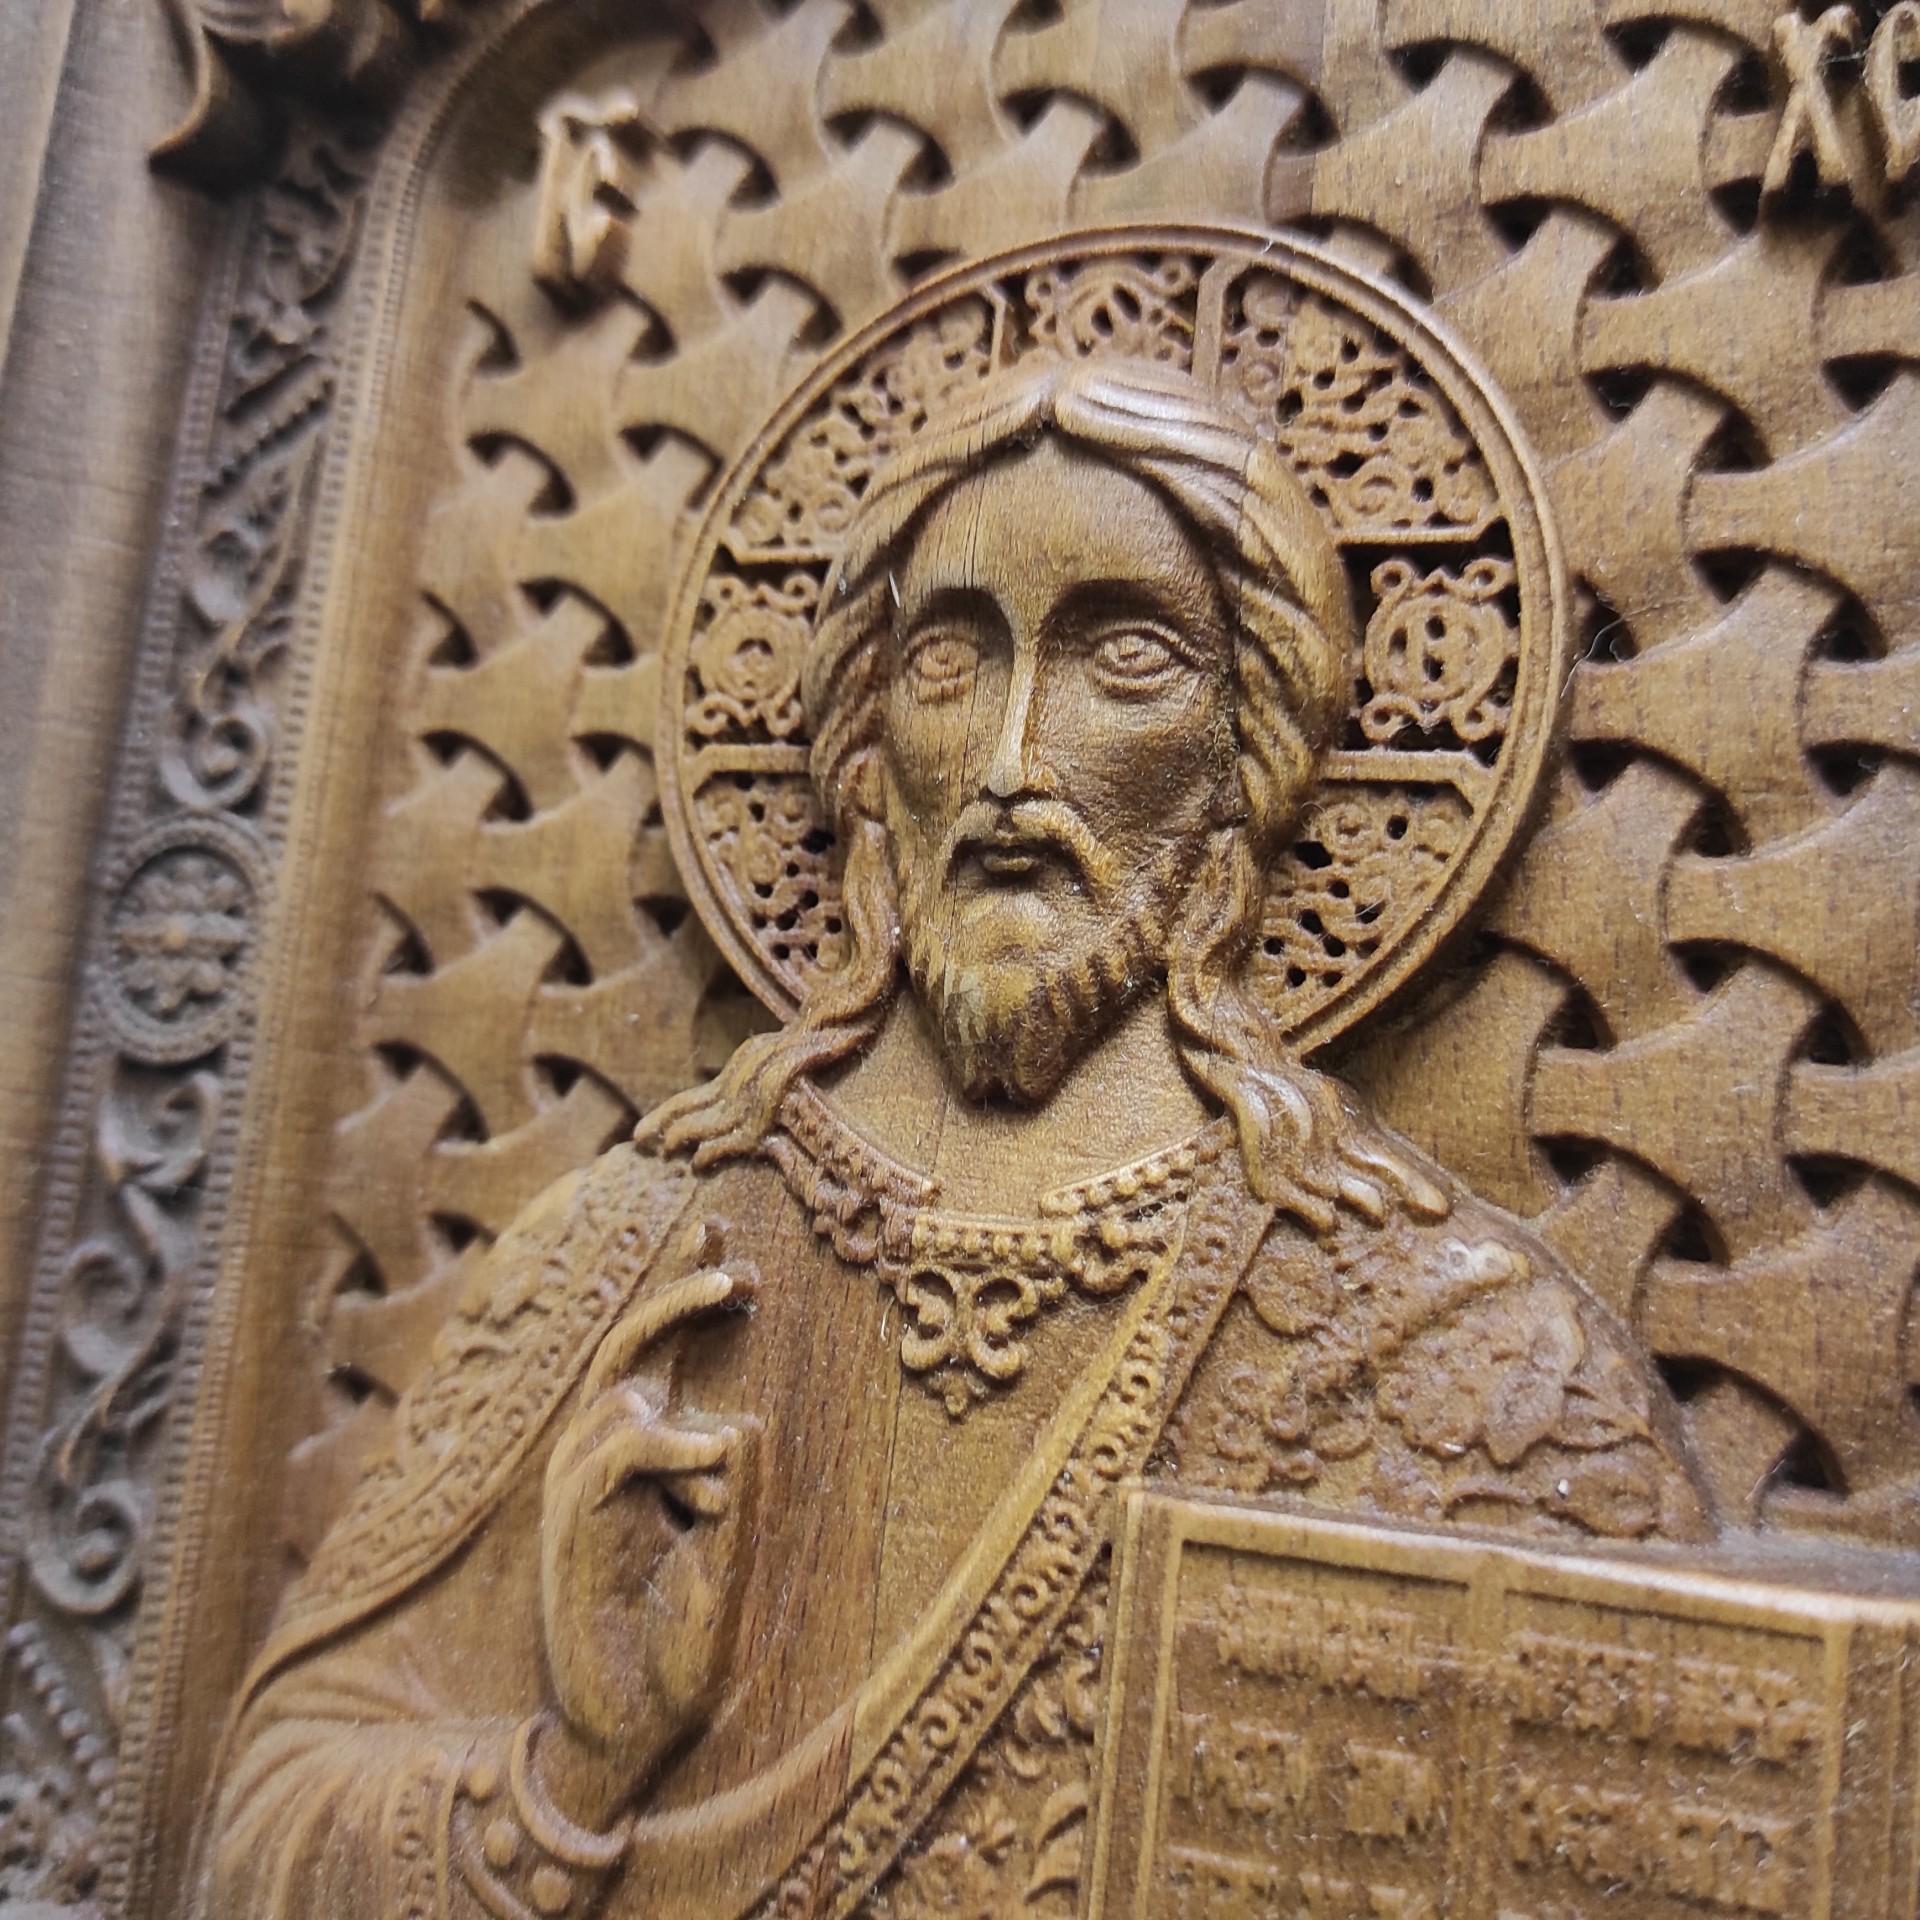 Фото лика резной иконы Господа Вседержителя с камнями